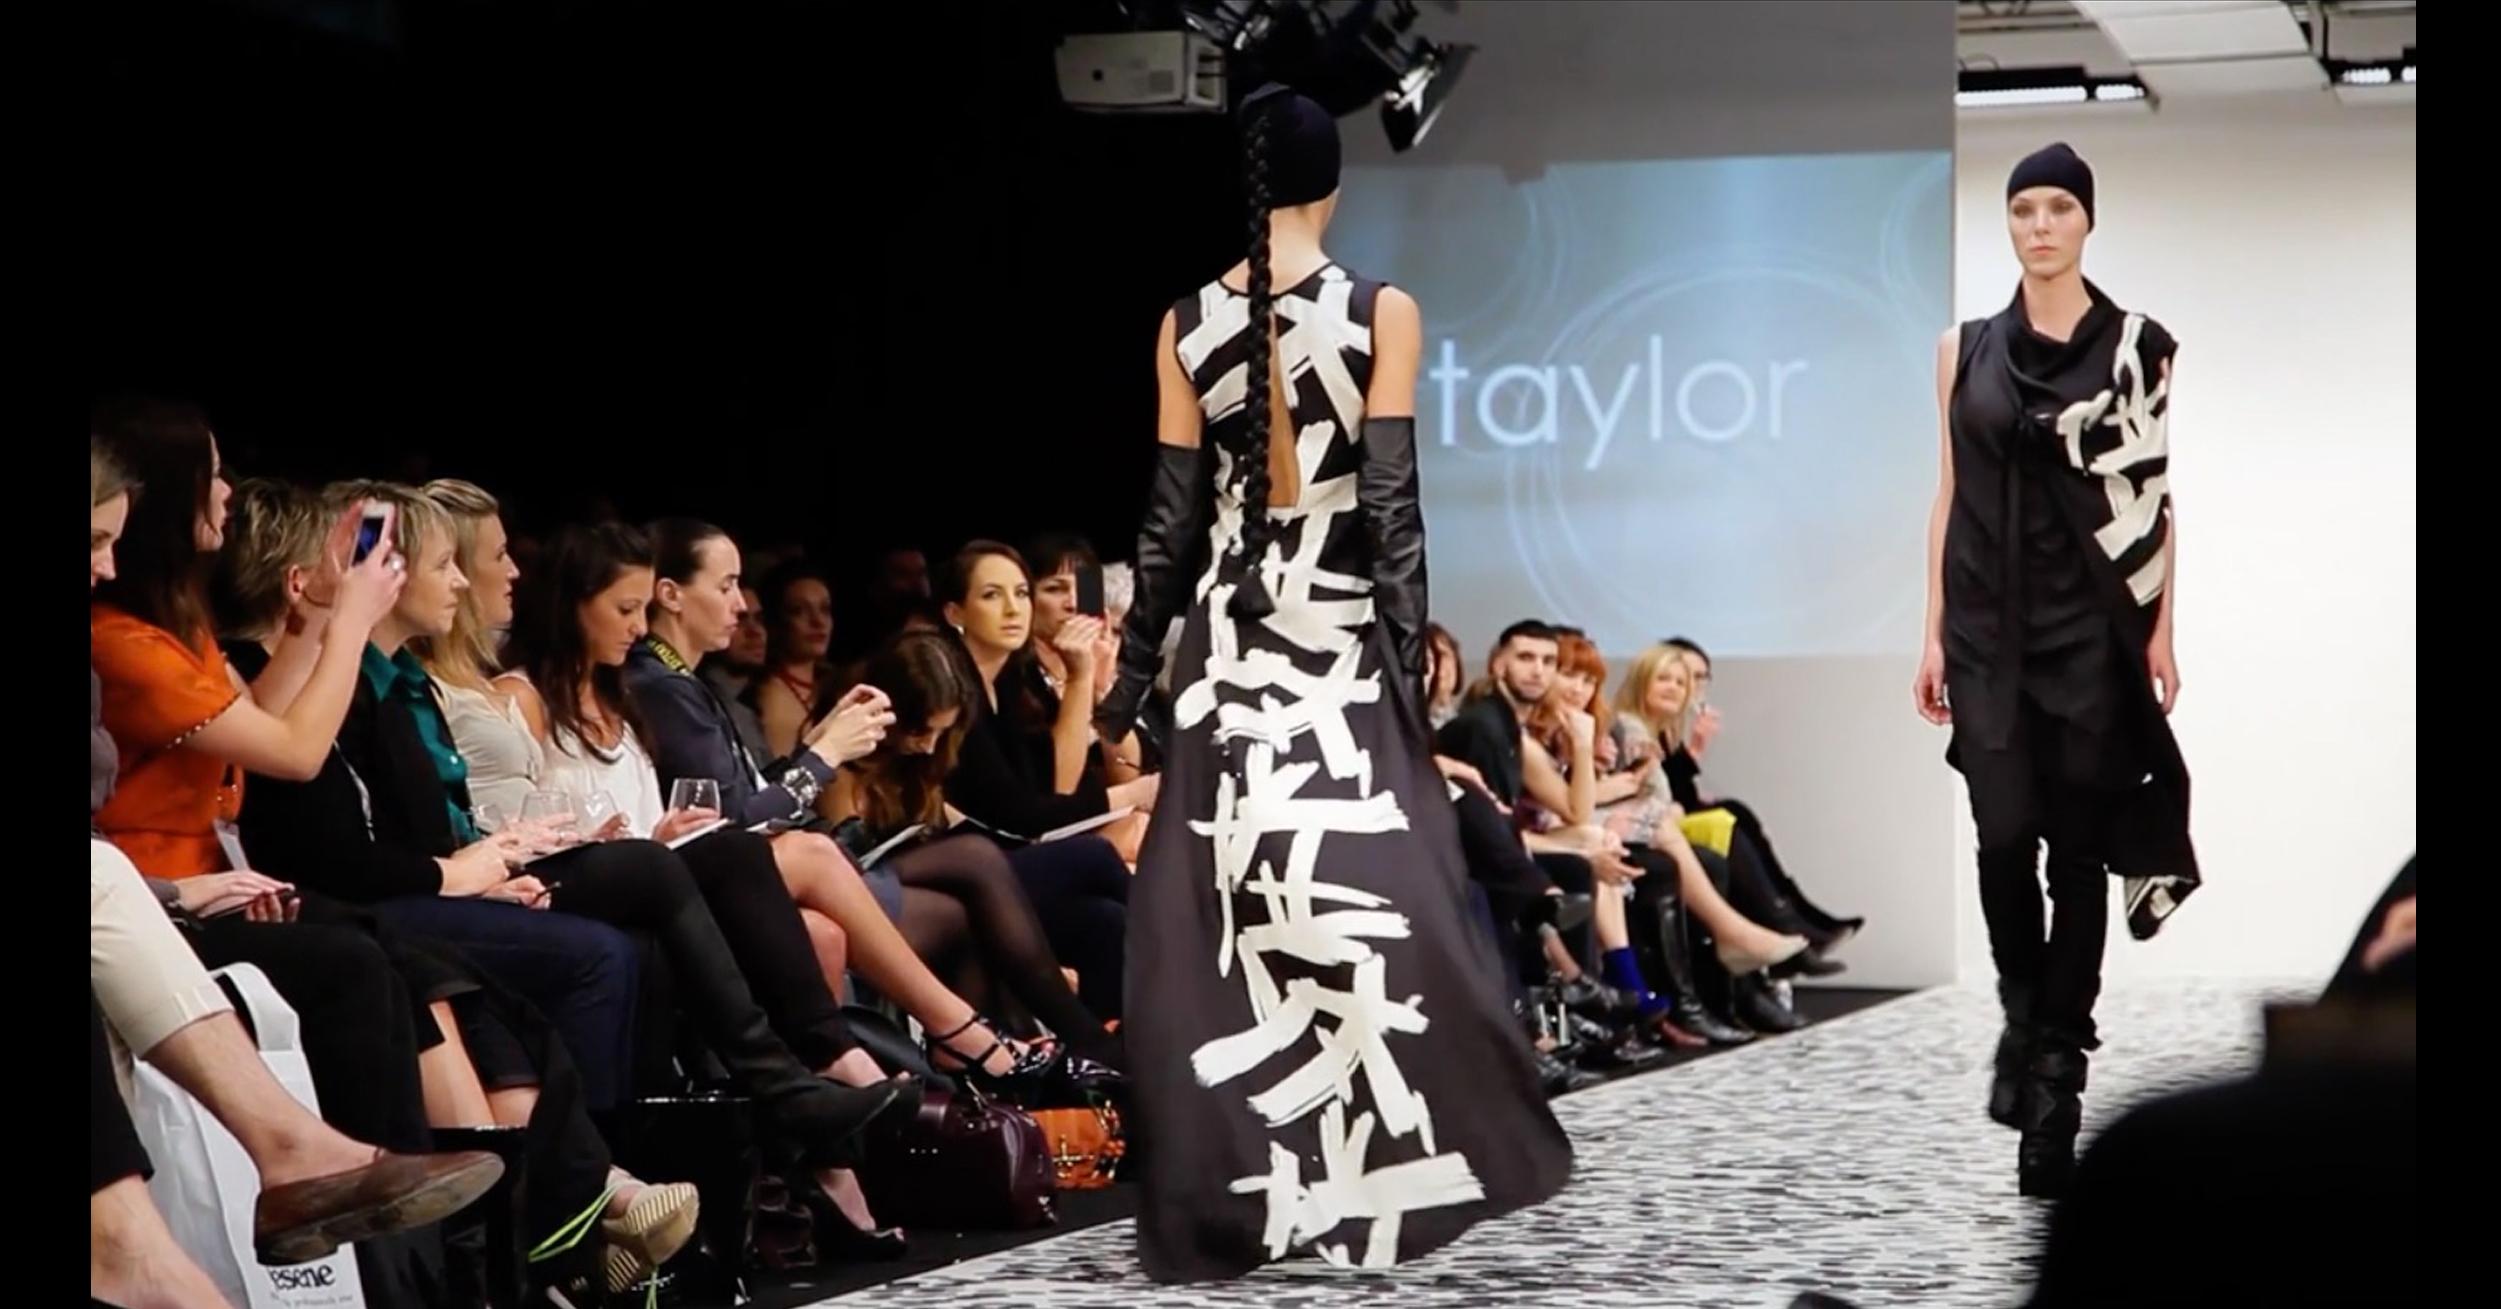 Taylor 2013 Video Still